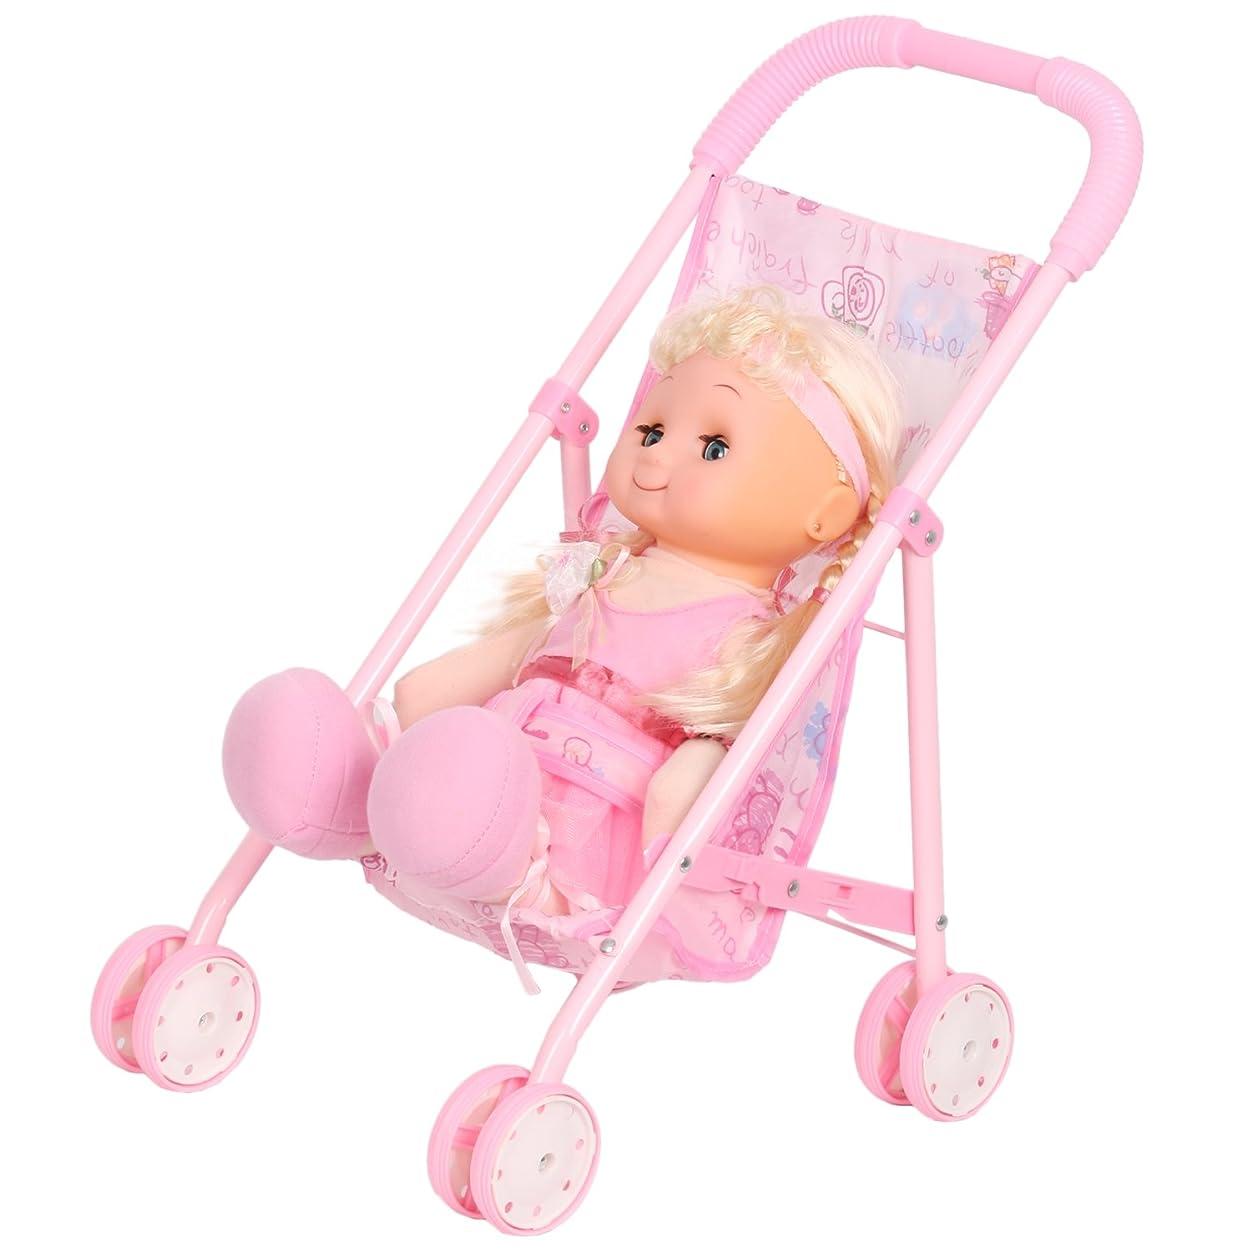 タンカーベストネクタイ人形用 ベビーカー バギー お世話パーツ かわいい 乳母車 おもちゃ 鉄の枠 折り畳み式 女の子 プルトイ